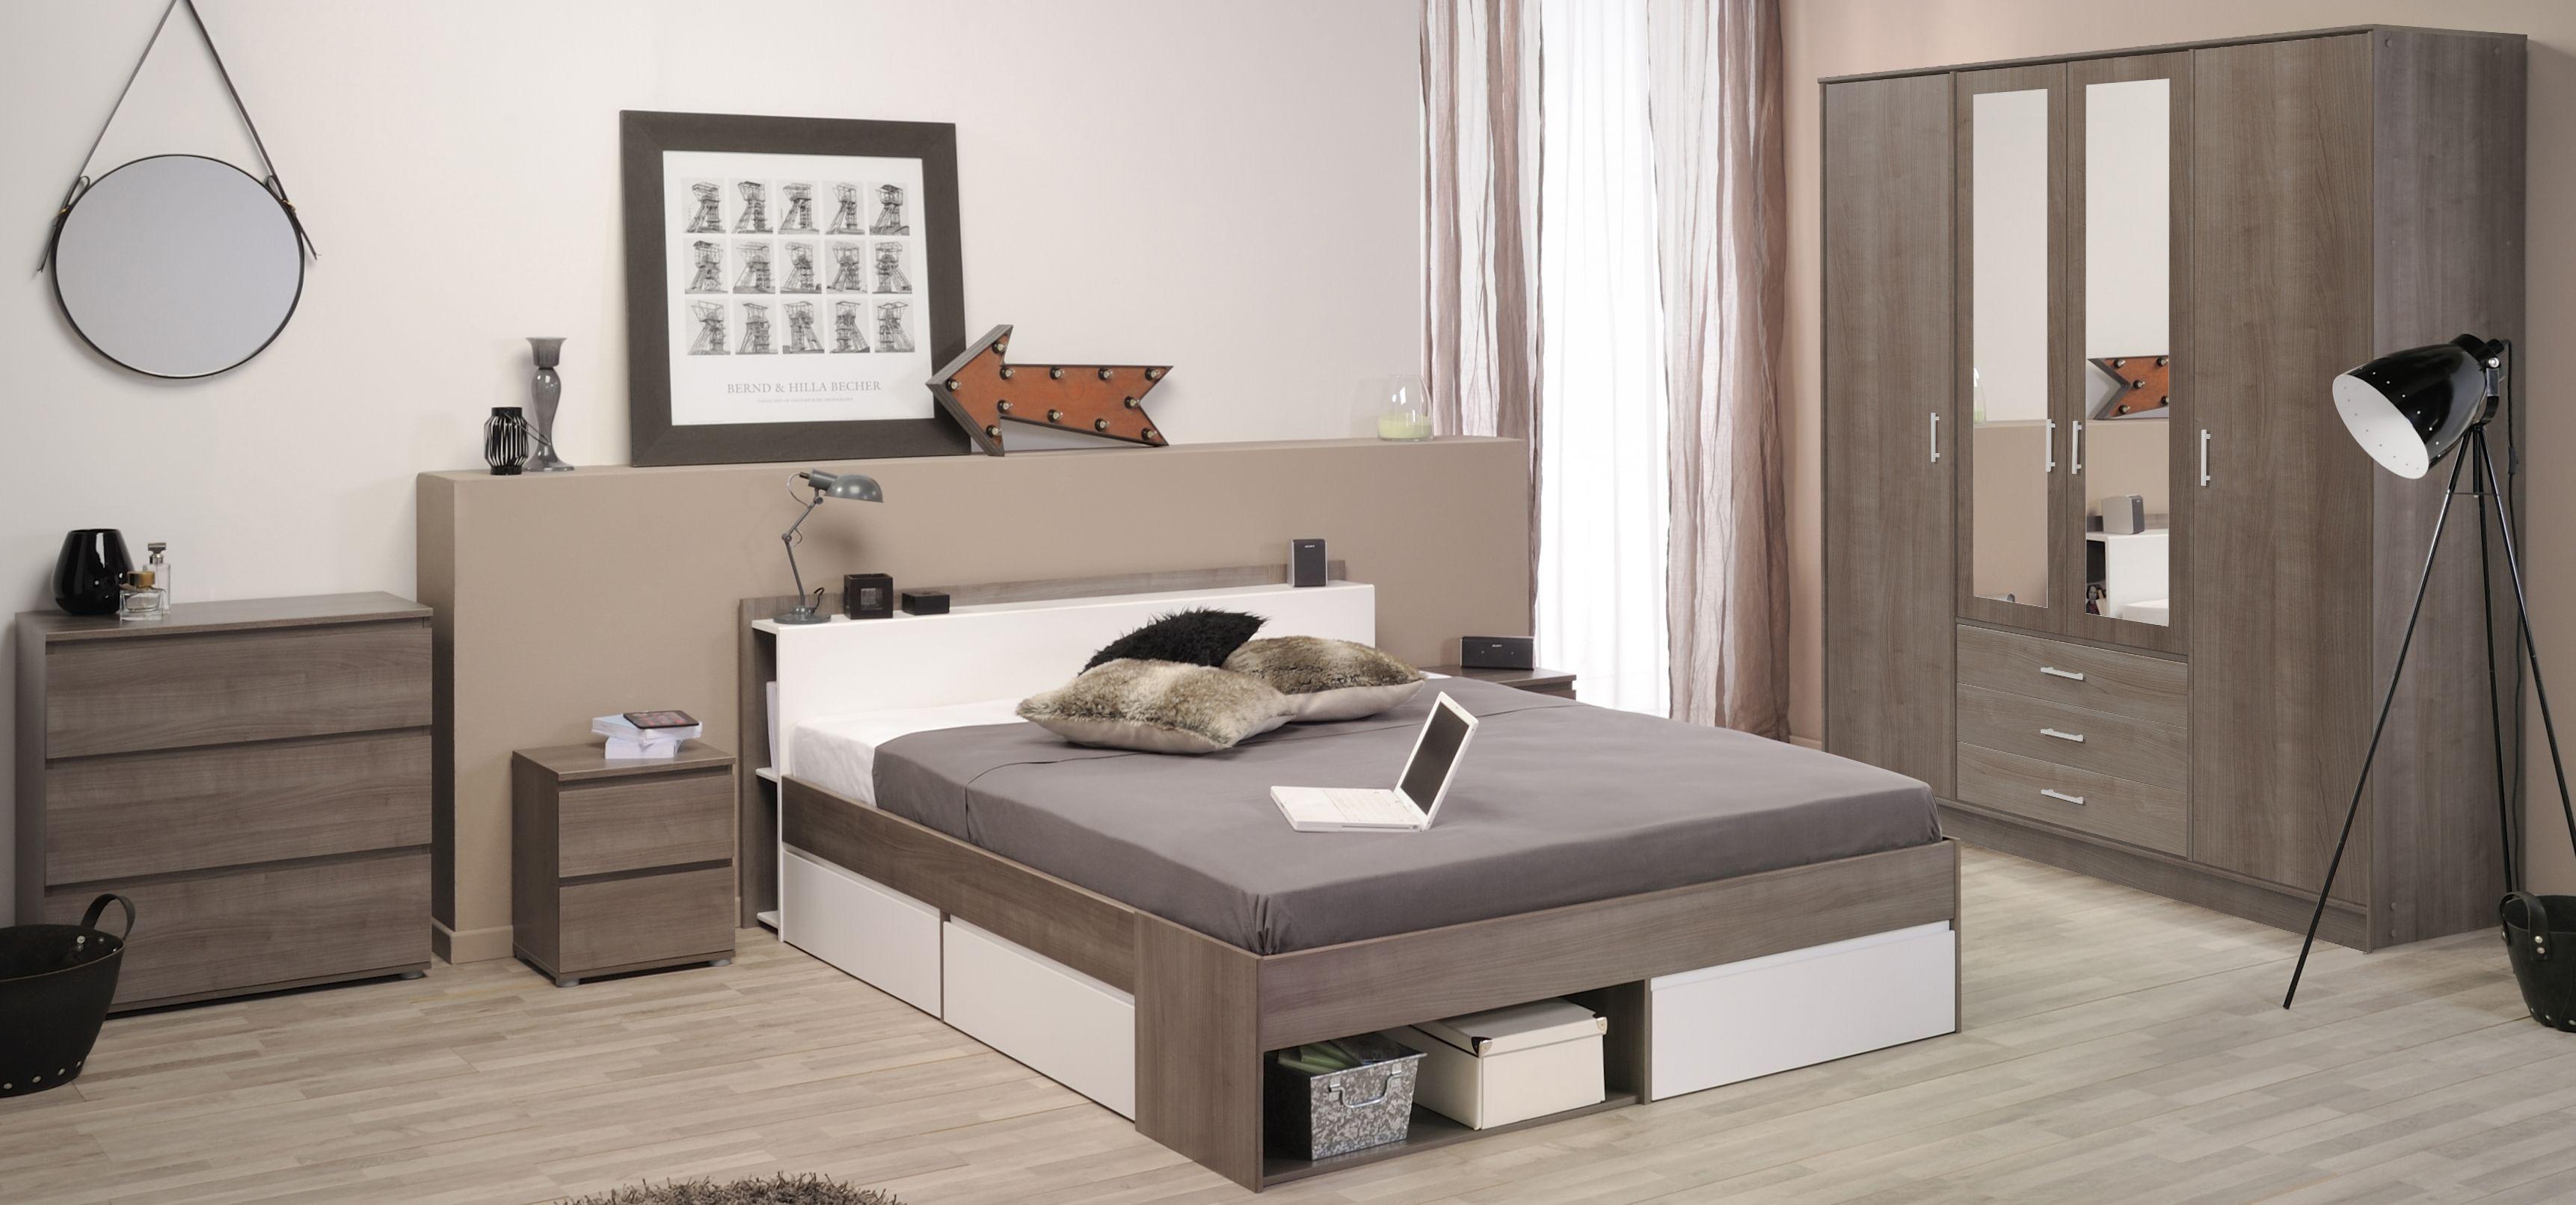 Schlafzimmer Mit Bett 140 X 200 Cm Eiche Silber/ Weiss Woody 167 ...